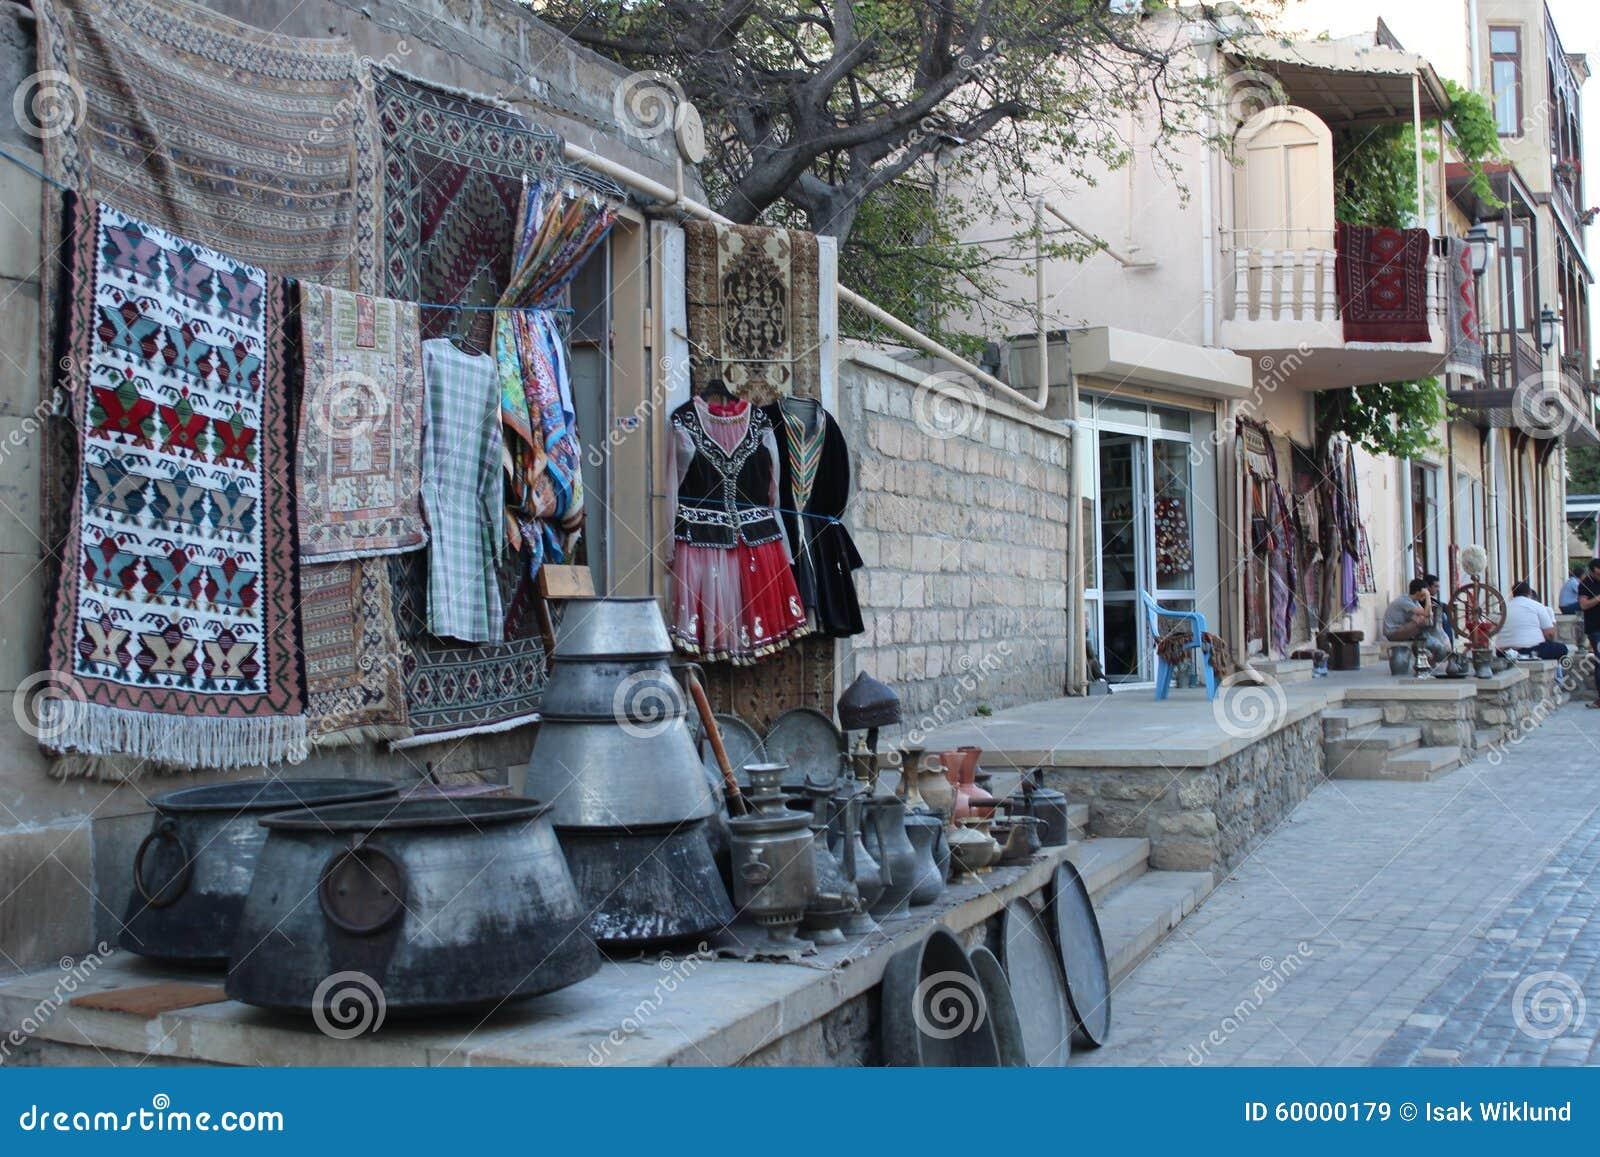 Soporte de recuerdo en la ciudad vieja de Baku